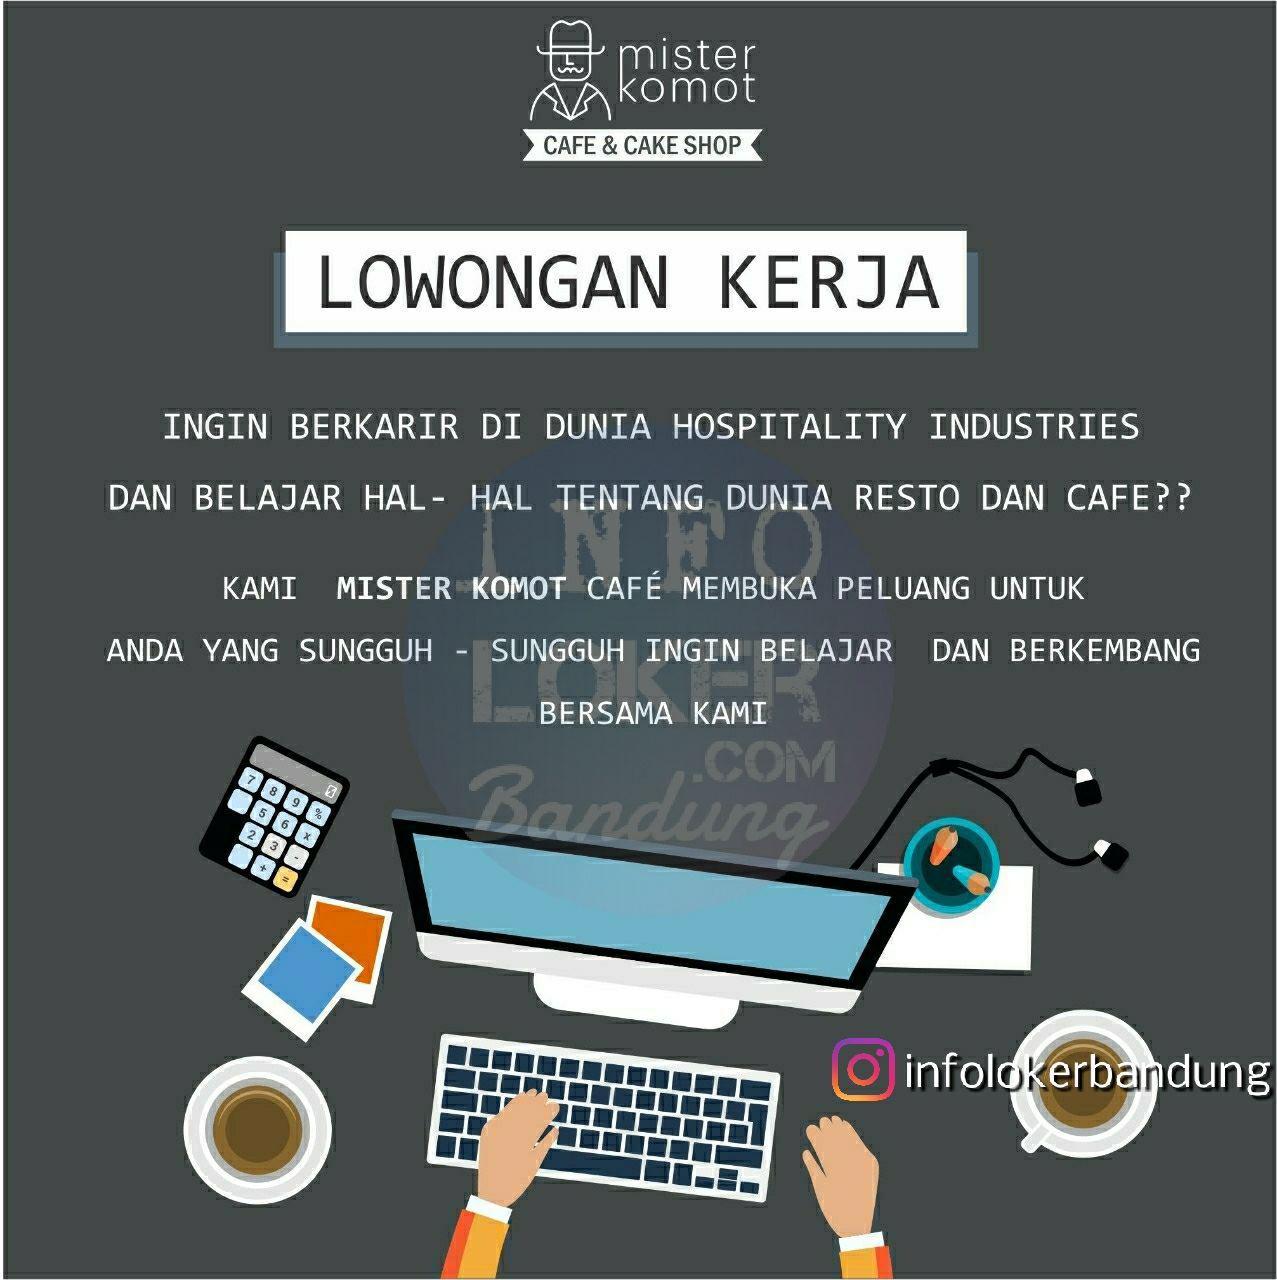 Walk In Interview Mister Komot Cafe Bandung 28 Maret 2018